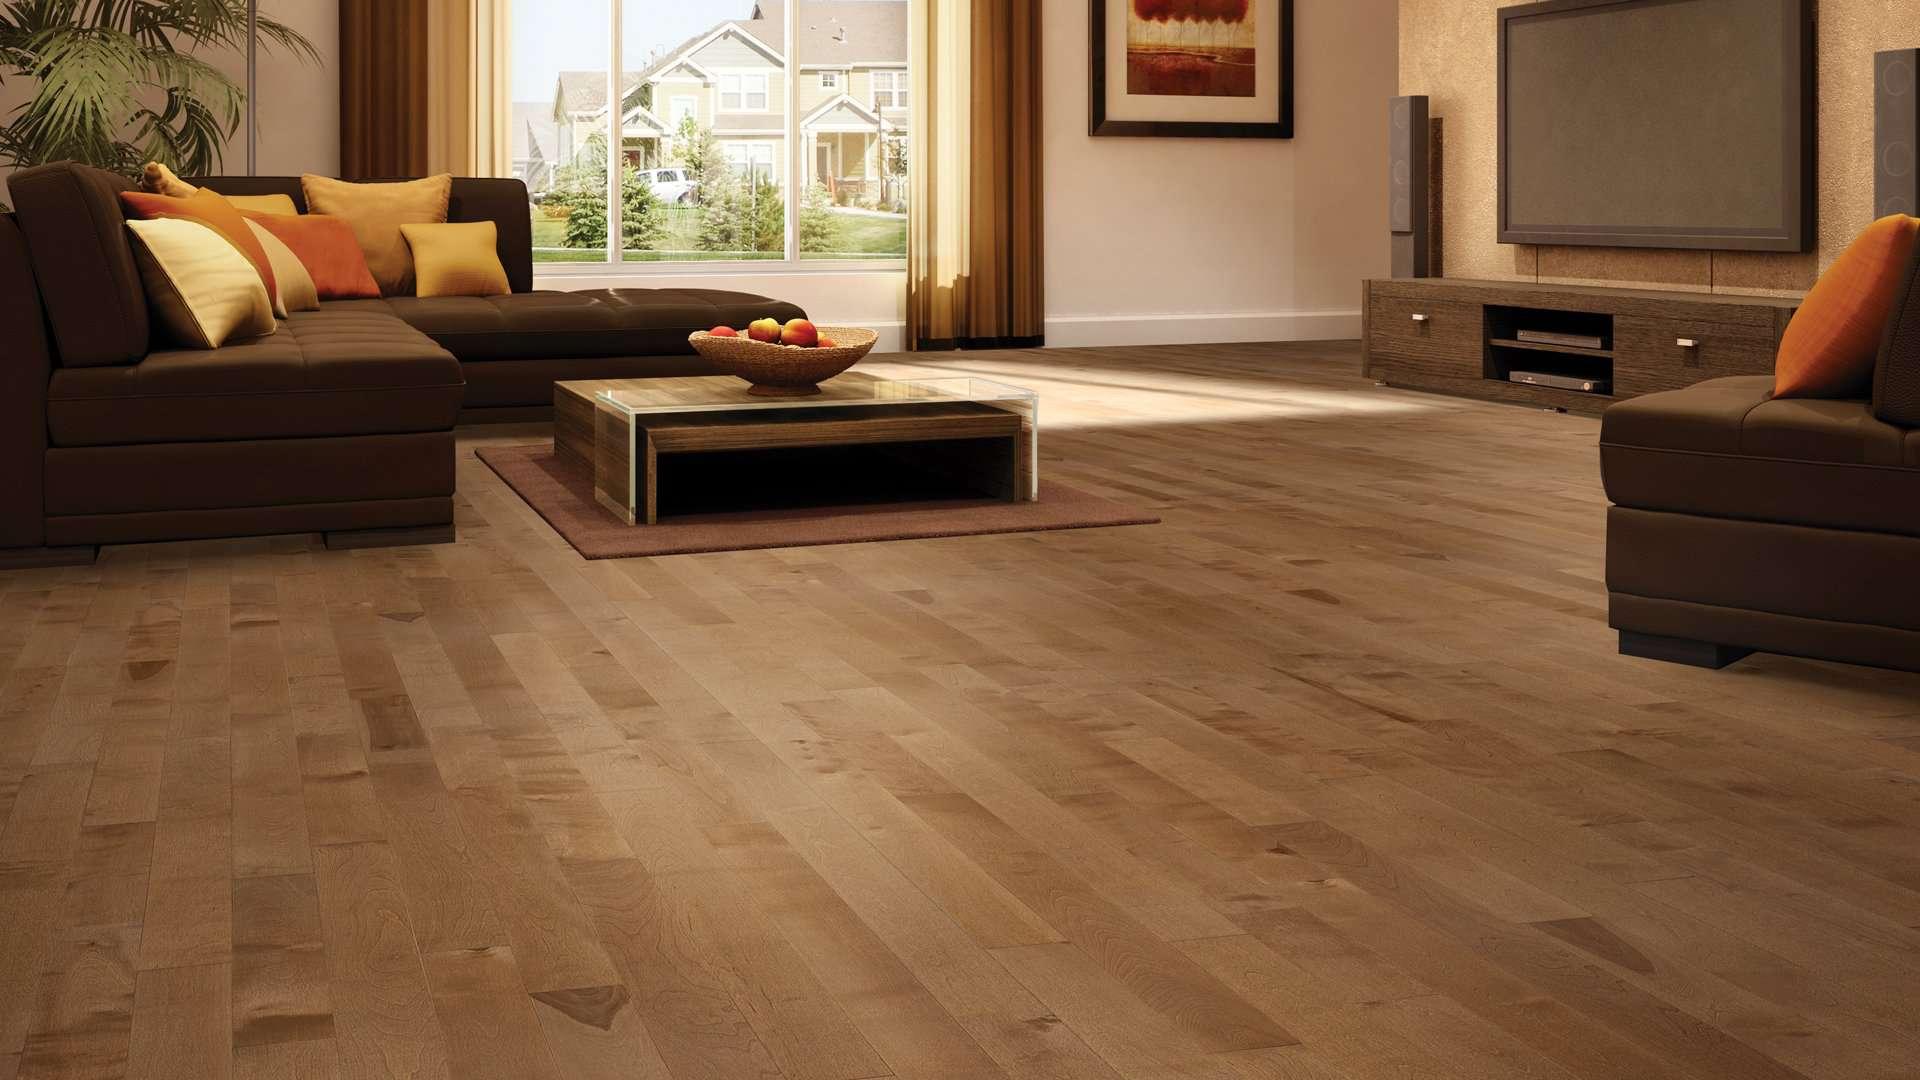 Galerie dubeau floors for Plancher de galerie exterieure